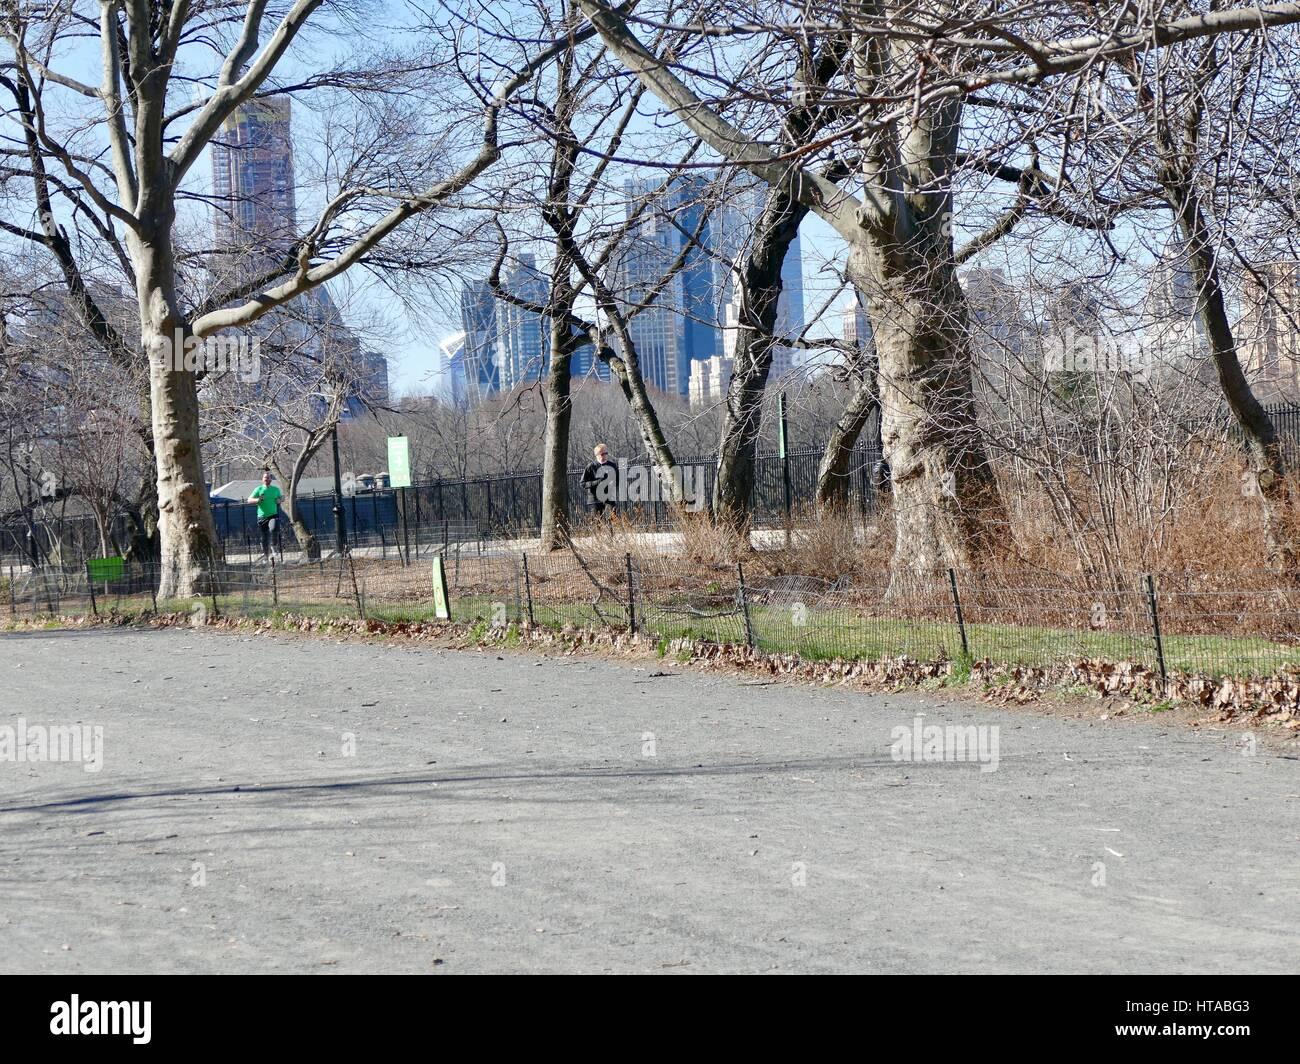 Central Park New York City Rain Stock Photos & Central Park New York